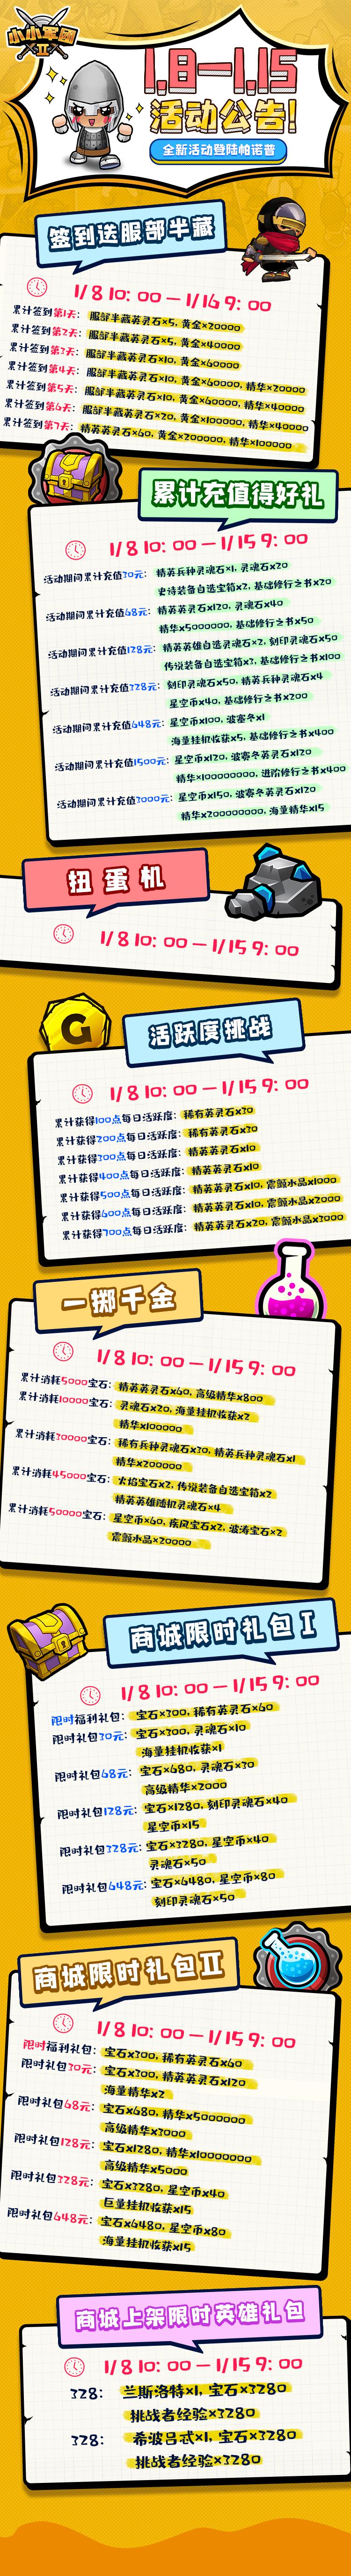 【帕诺普巡查报告-1.8活动更新&维护预告!】